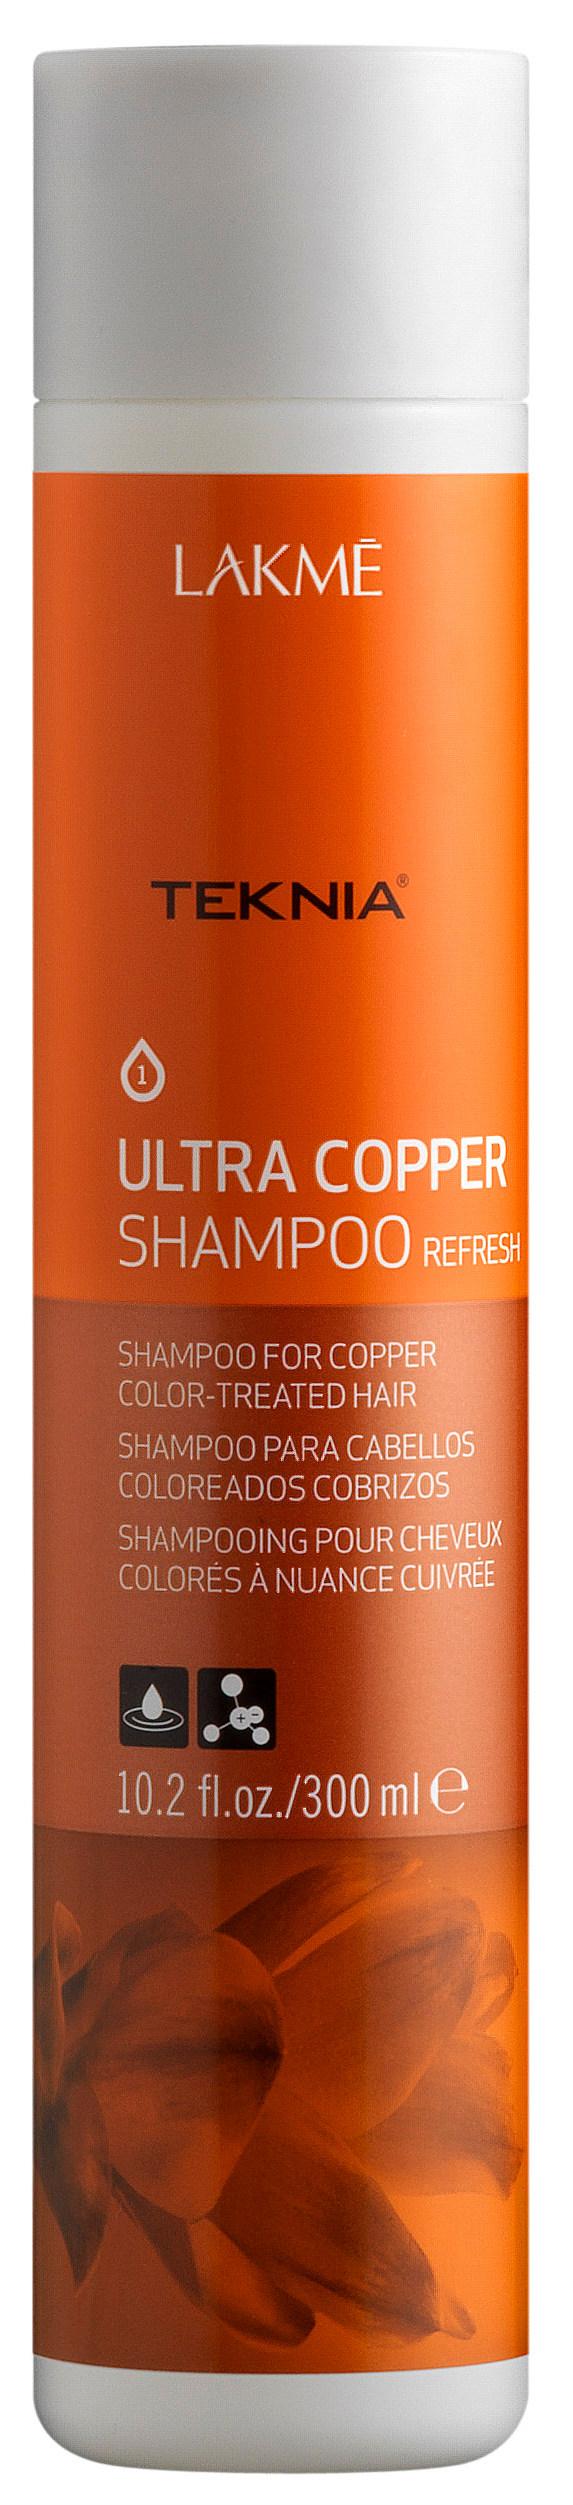 Купить LAKME Шампунь для поддержания оттенка окрашенных волос, медный / ULTRA COPPER SHAMPOO 300 мл